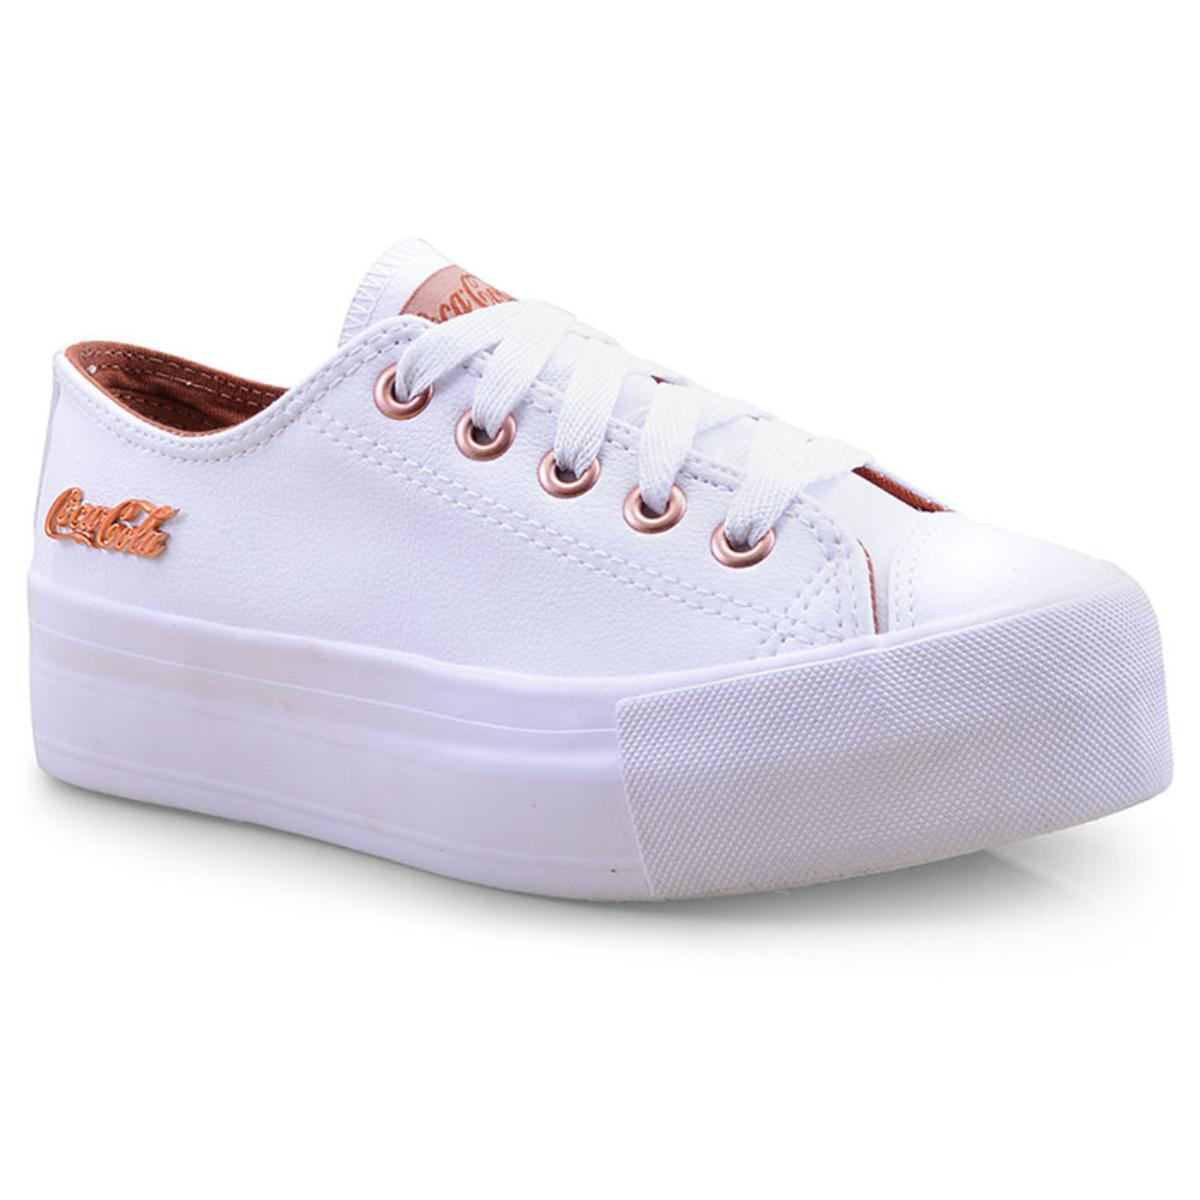 Tênis Feminino Coca-cola Shoes Cc1550 Branco/cobre